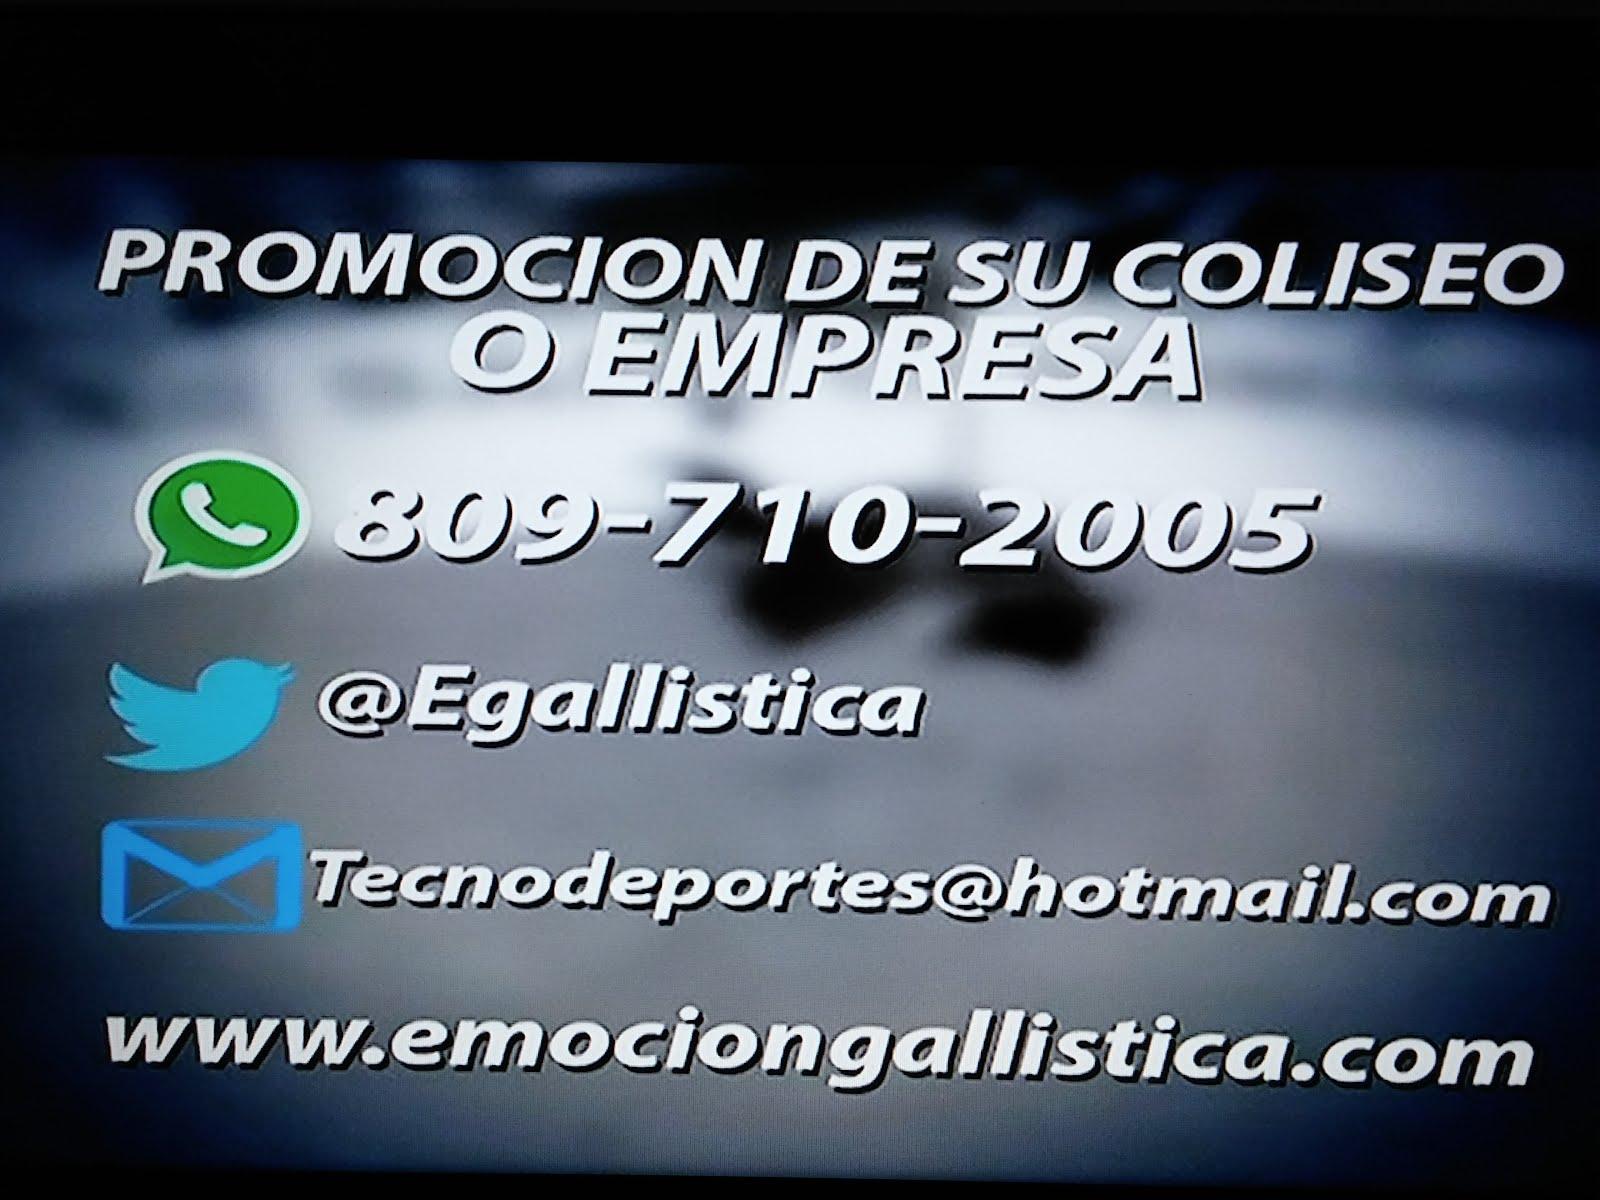 Promocione su Gallera ,  Coliseo Gallistico  o Empresa con nosotros ...Cel: 809-710-2005